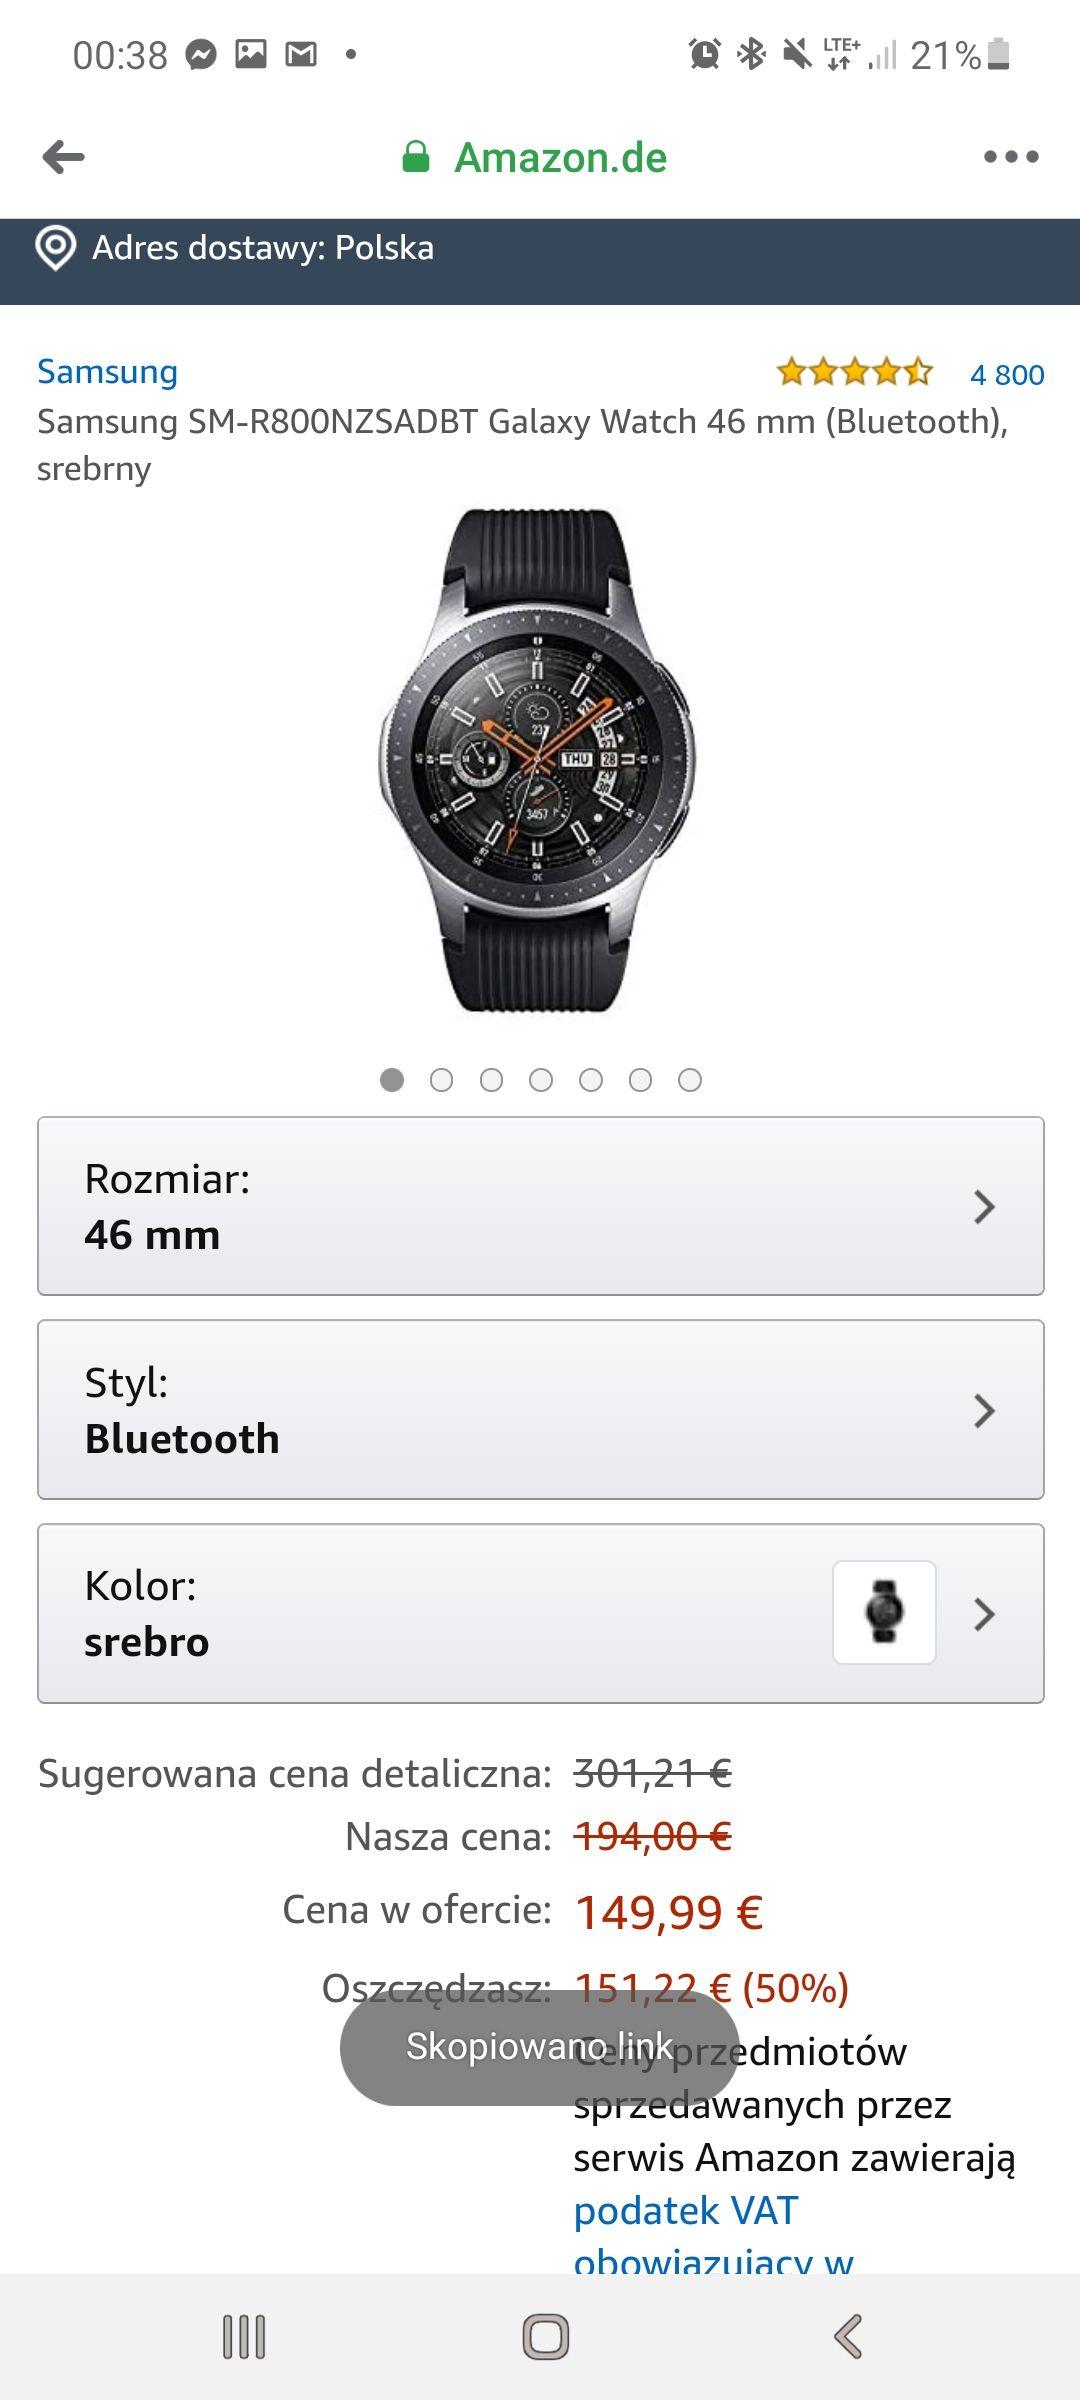 Samsung Galaxy Watch SM-R800 46mm €142.5€